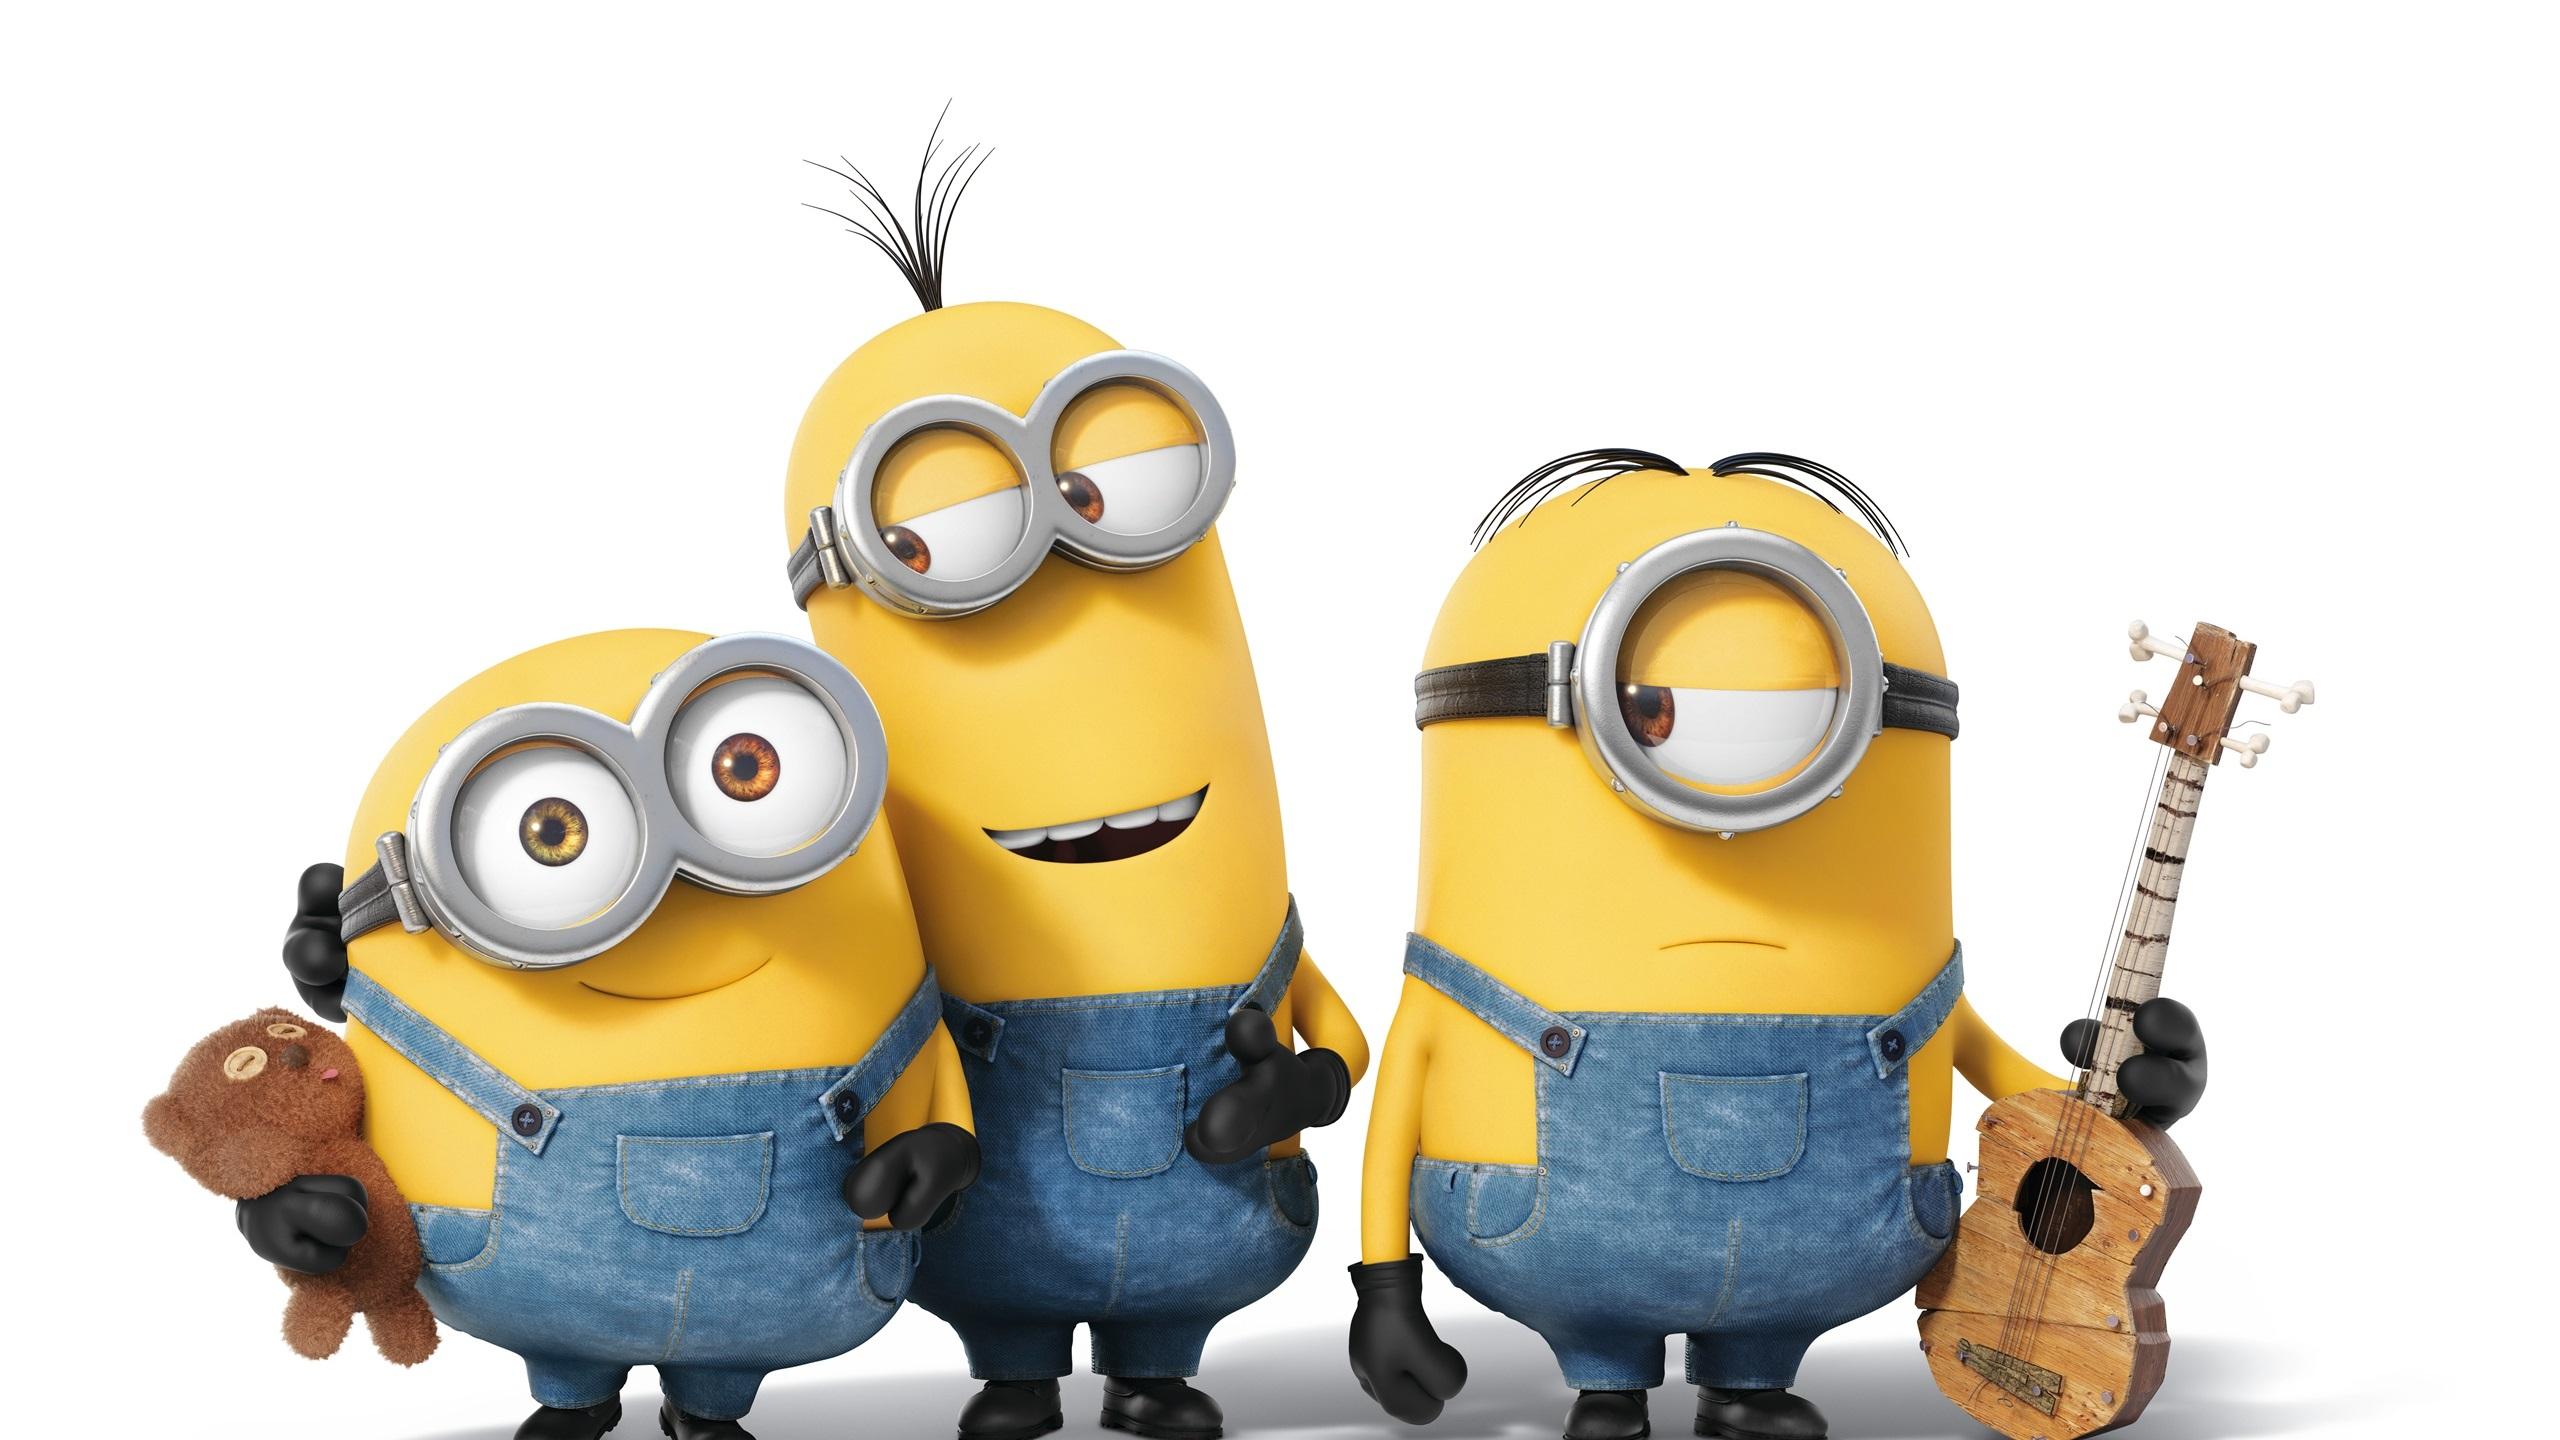 壁紙 ミニオン漫画映画 三つの小さな黄色人 2560x1600 Hd 無料の